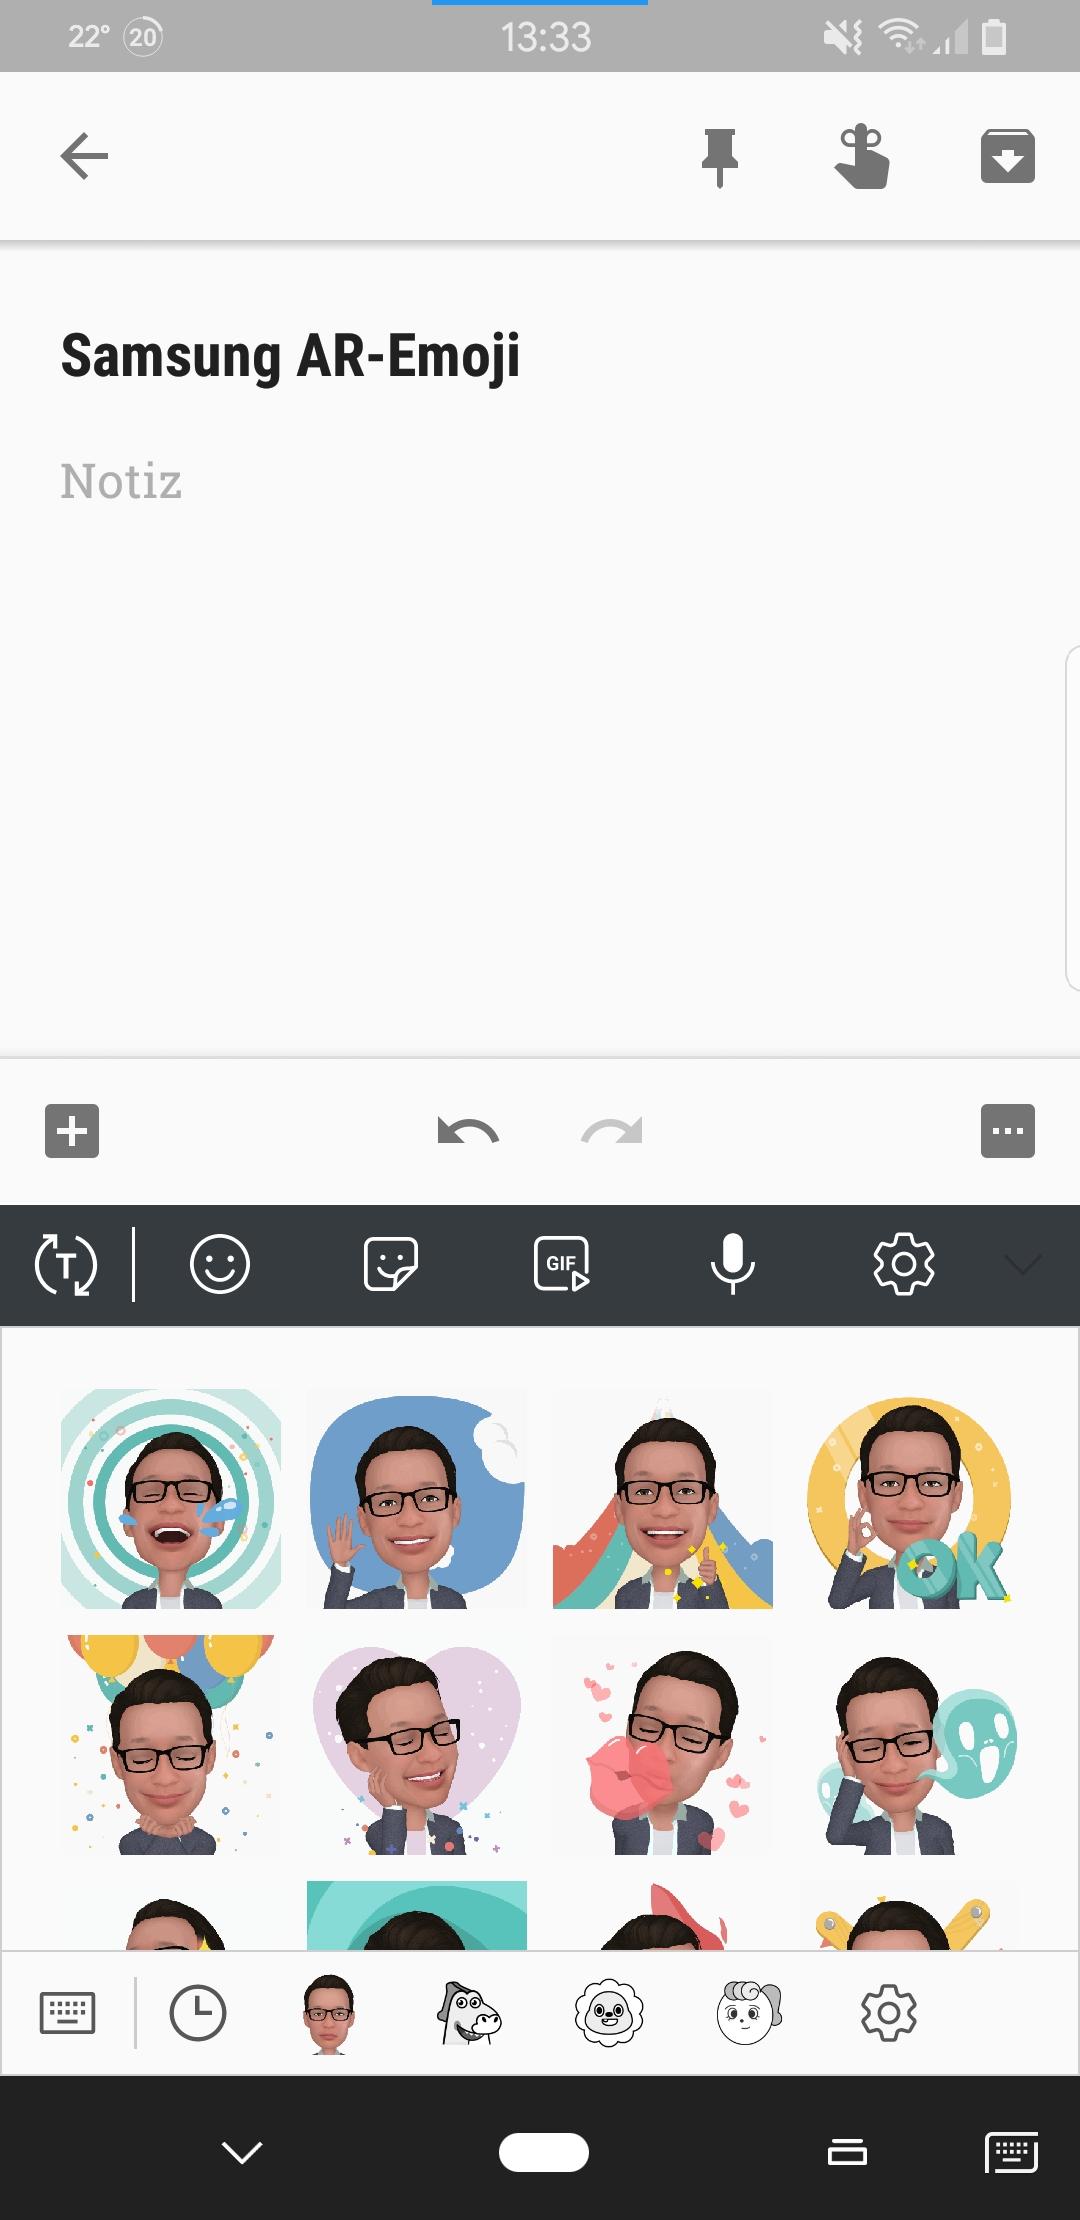 Samsung Galaxy S8 und S8+: Neues Update mit AR-Emoji und